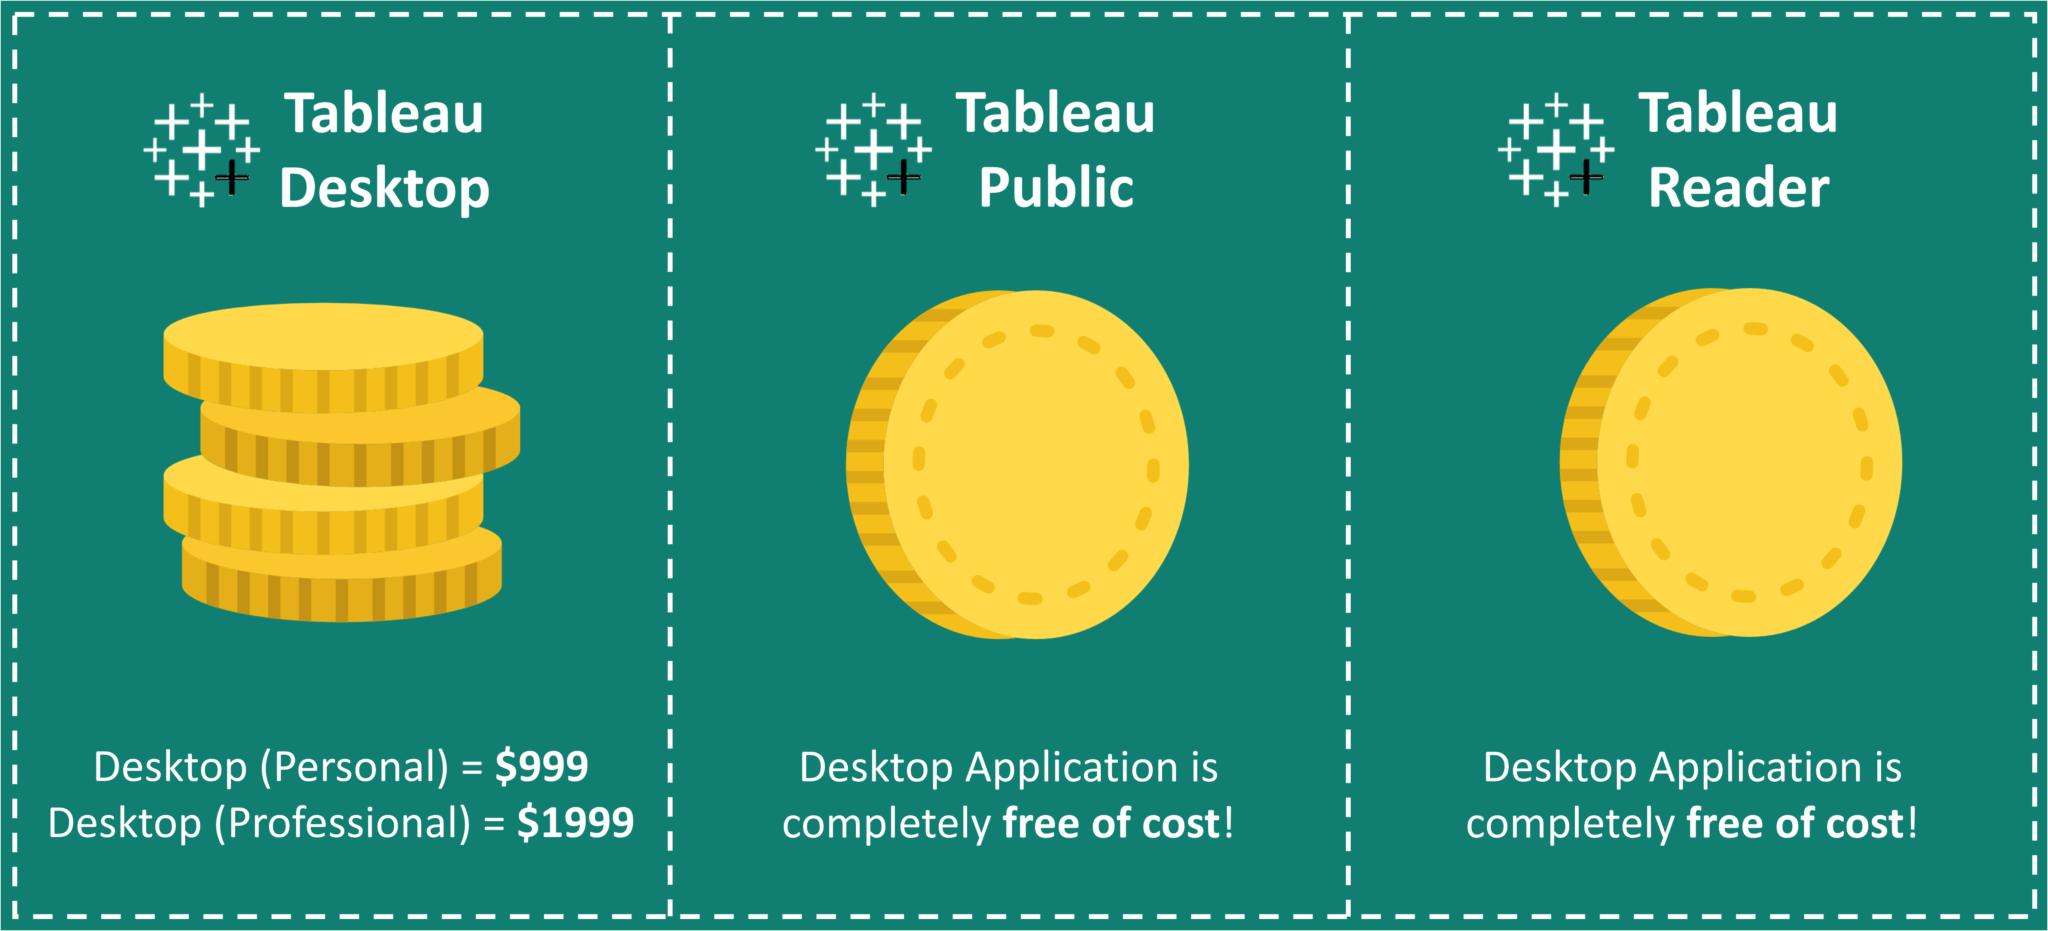 tableau reader software